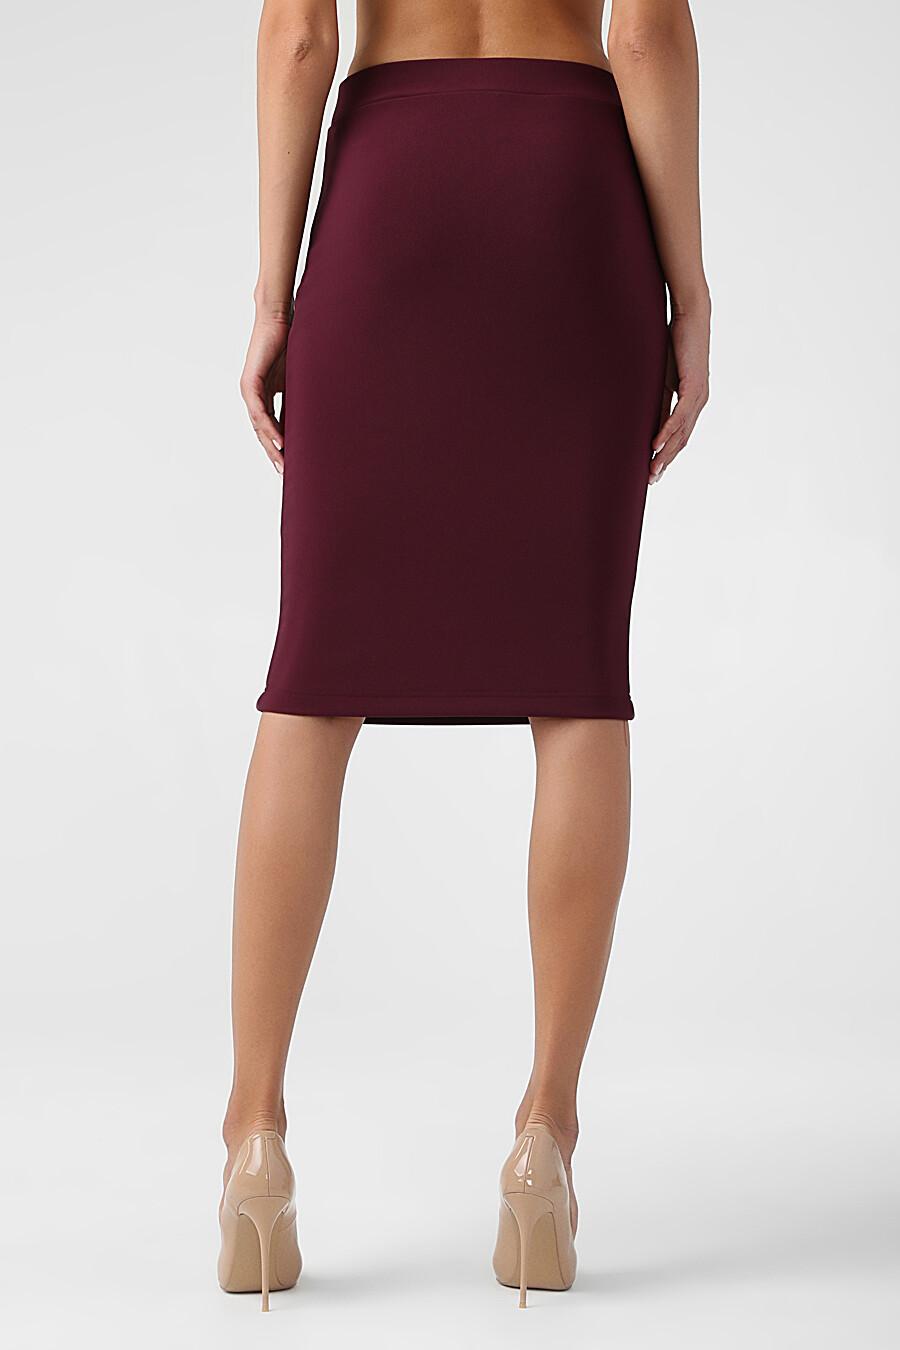 Юбка для женщин CONTE ELEGANT 148624 купить оптом от производителя. Совместная покупка женской одежды в OptMoyo